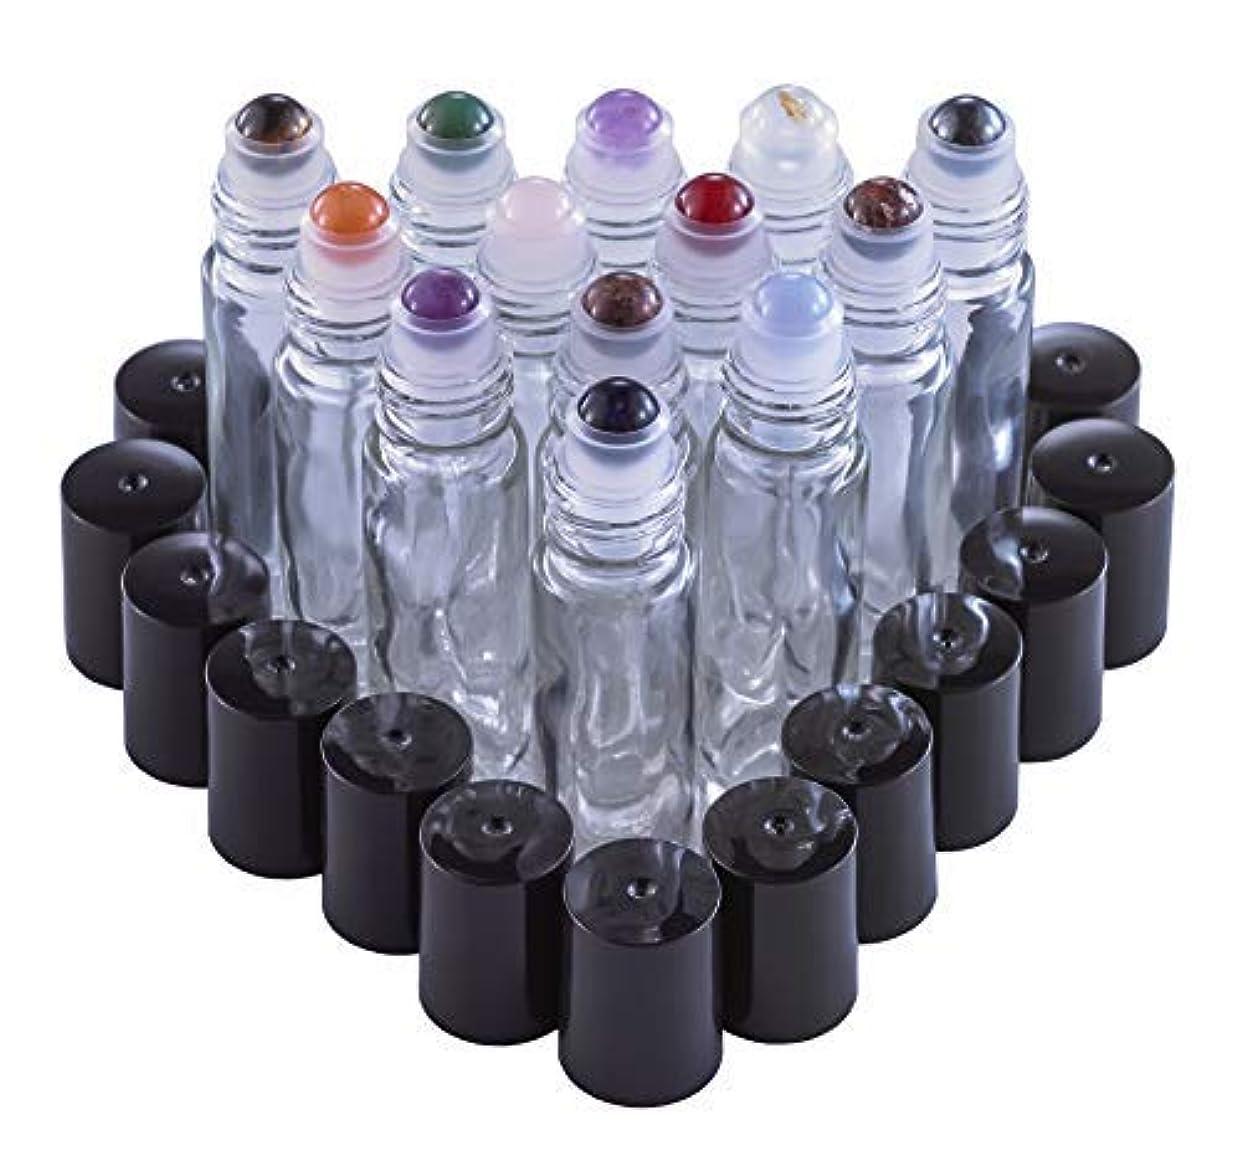 バウンスもちろん雑草Gemstone Roller Balls For Essential Oils - 13 Beautiful Glass Roller Bottles With Precious Gemstones and Crystals...